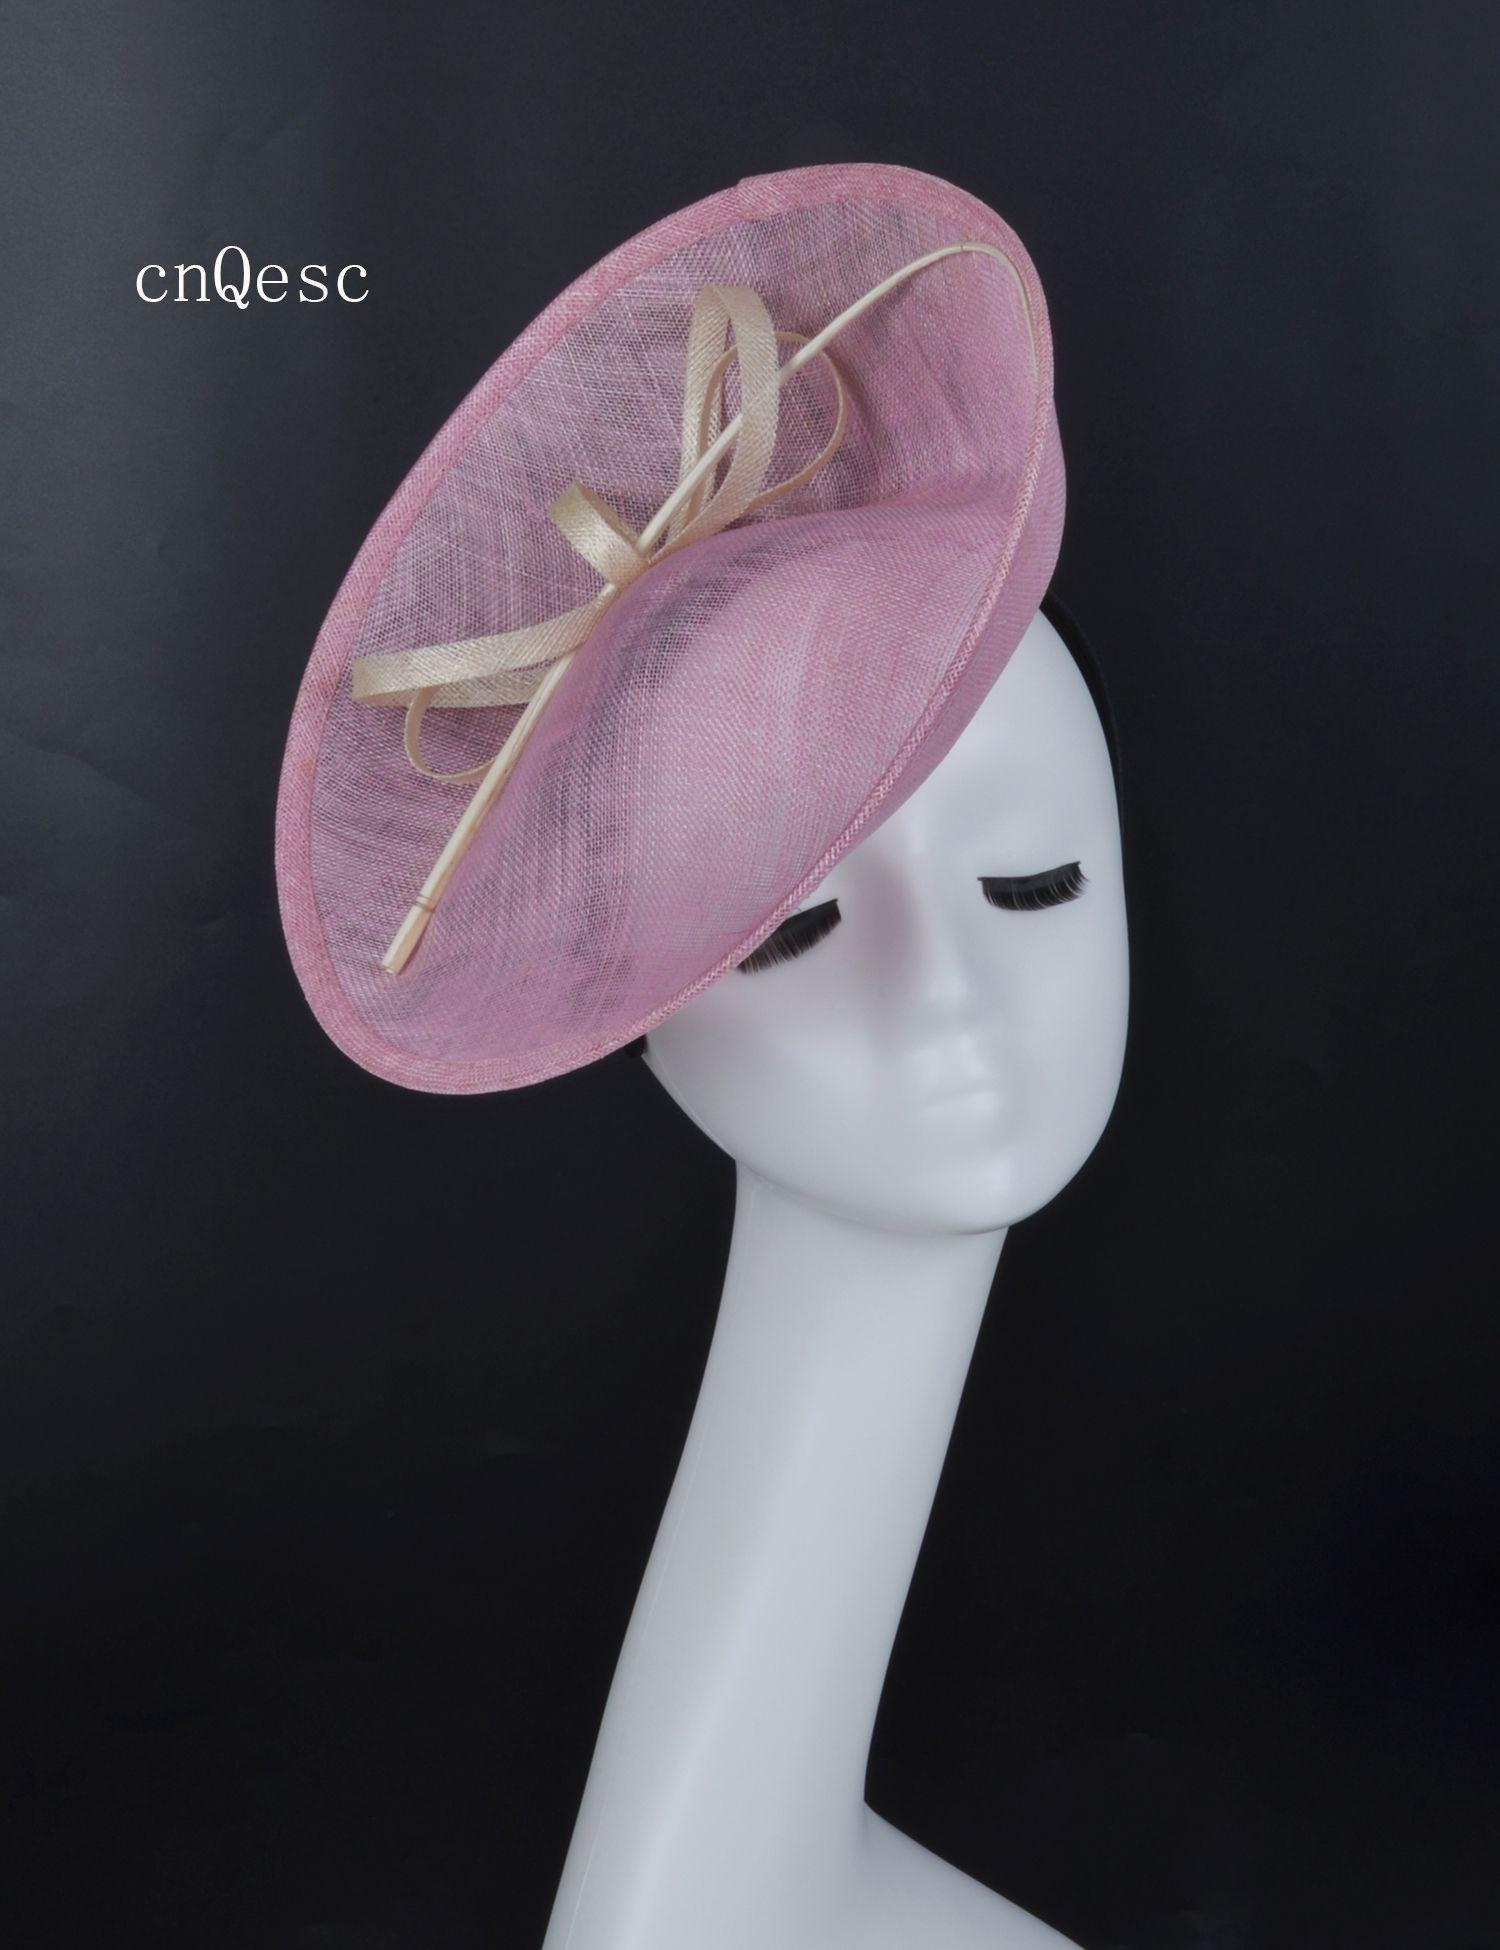 2019 Cappello da abito formale da donna rosa, sinamay, fascinator Kentucky Derby, corse nuziali, addio al nubilato, madre della sposa, con colonna vertebrale